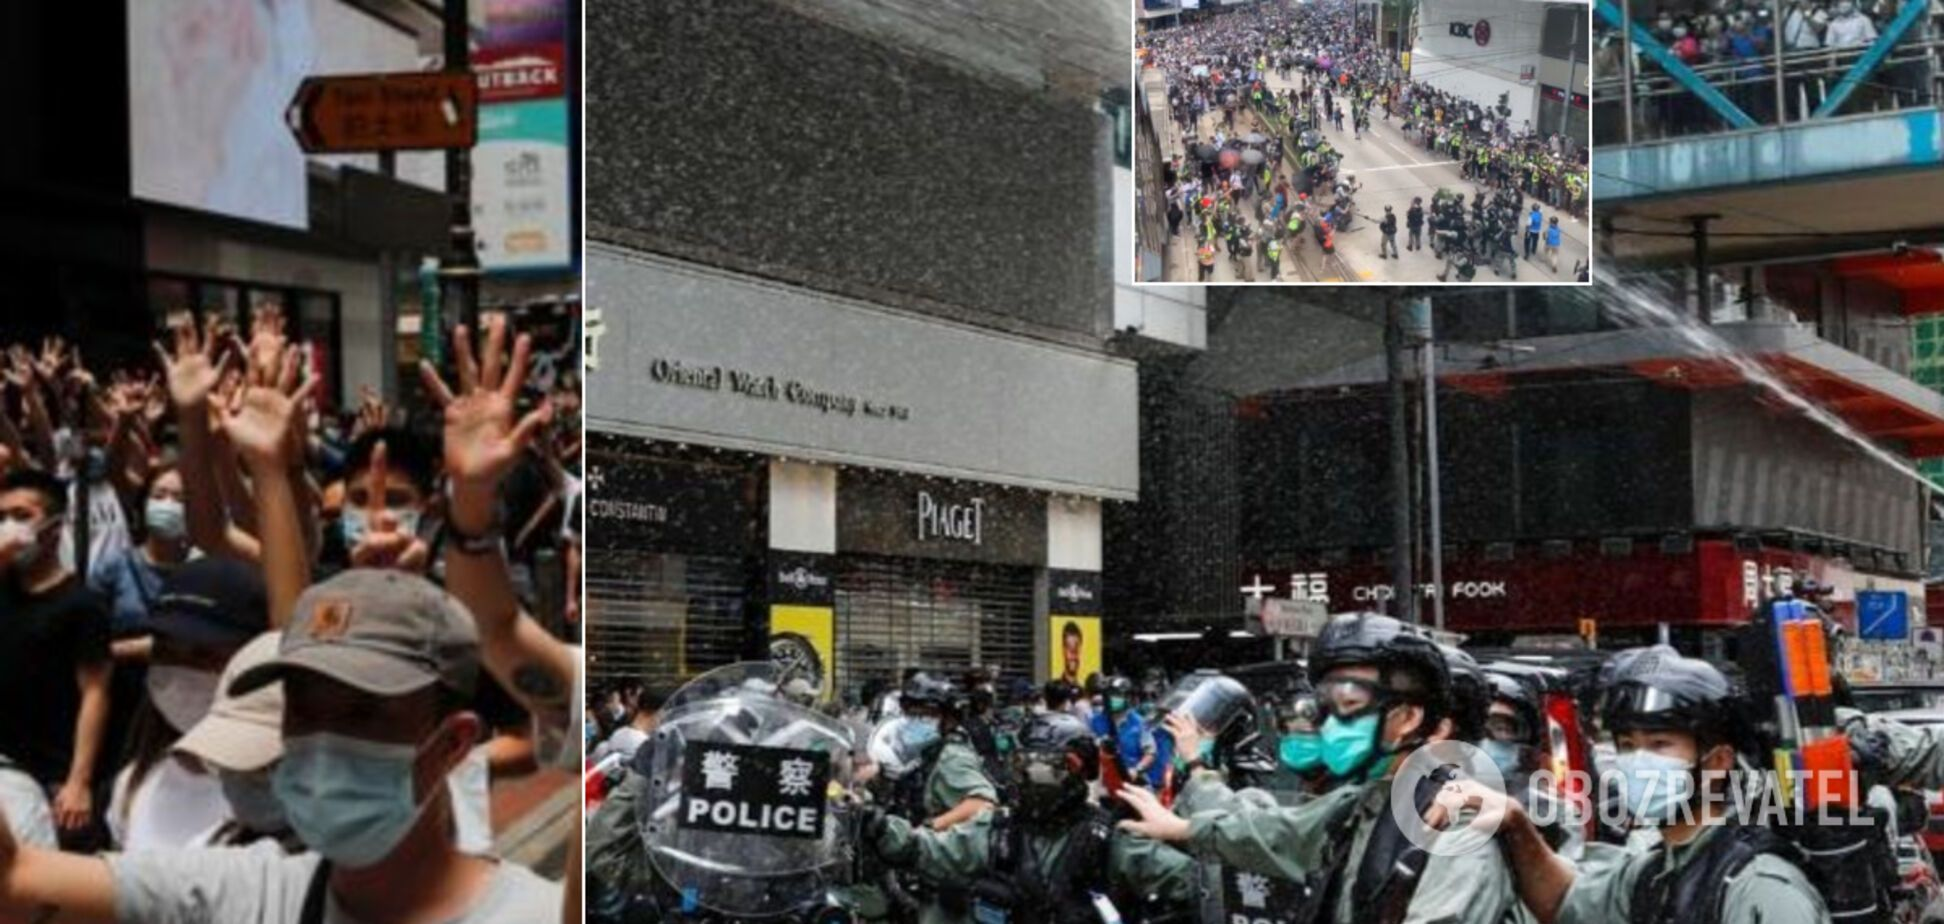 Гонконг 'вибухнув' протестами проти Китаю: тисячі людей вийшли на вулиці. Фото і відео